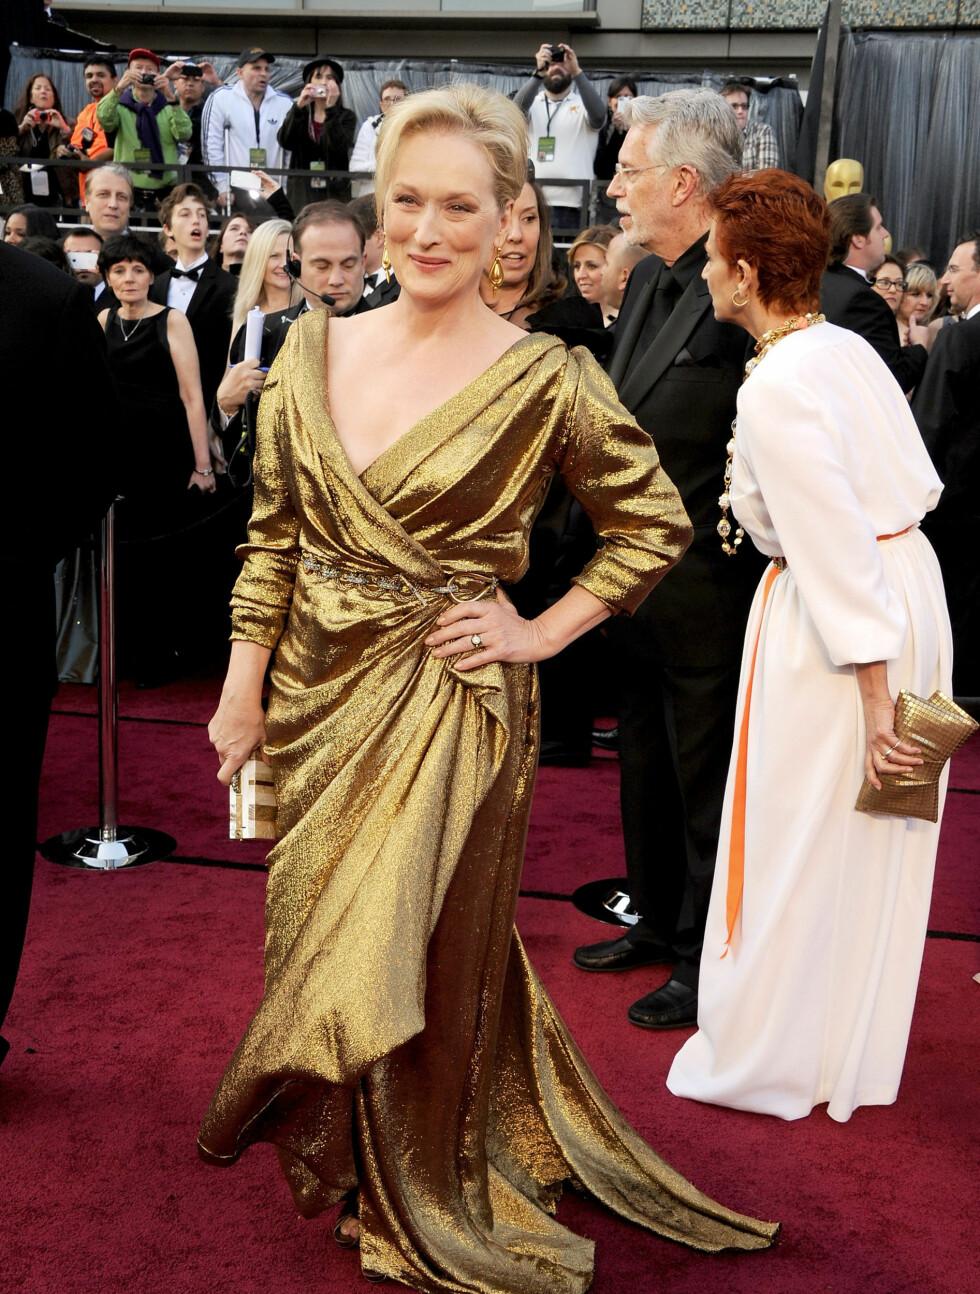 FLOTT I GULL: 62 år gamle Meryl Streep så fantastisk ut i en gullkjole med dyp kløft.  Foto: All Over Press